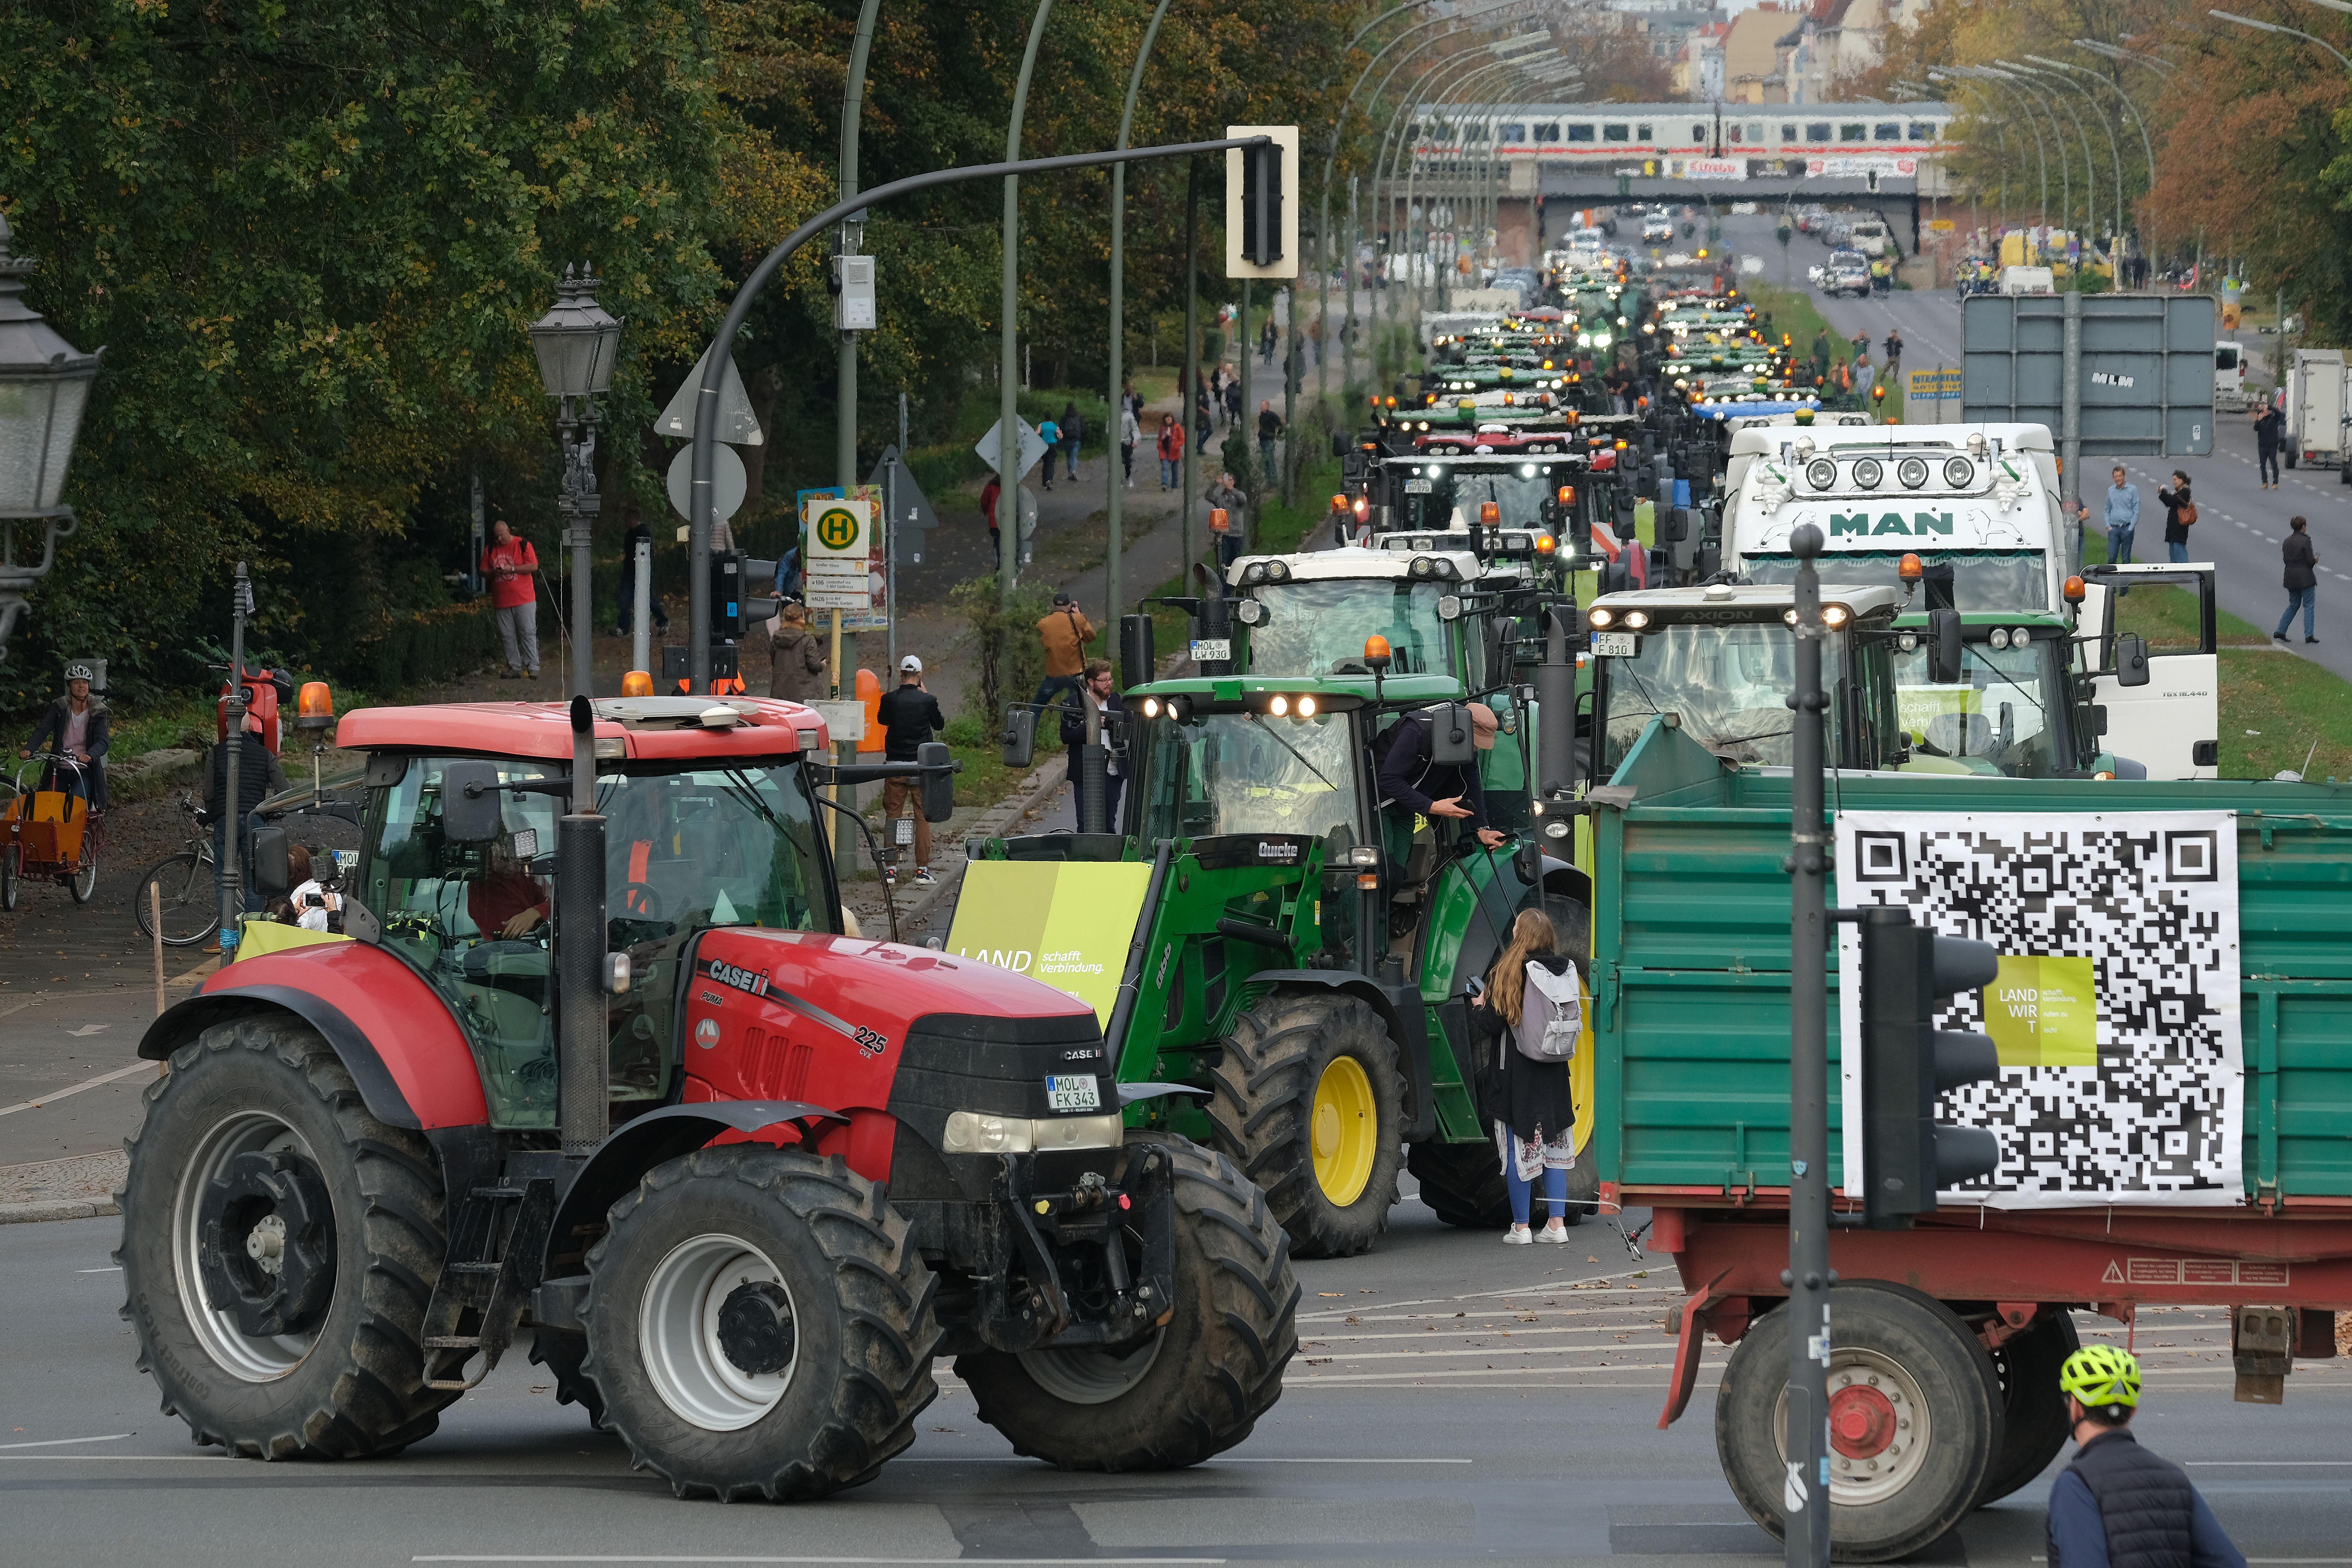 Farmer protests in Berlin, Germany in October 2019